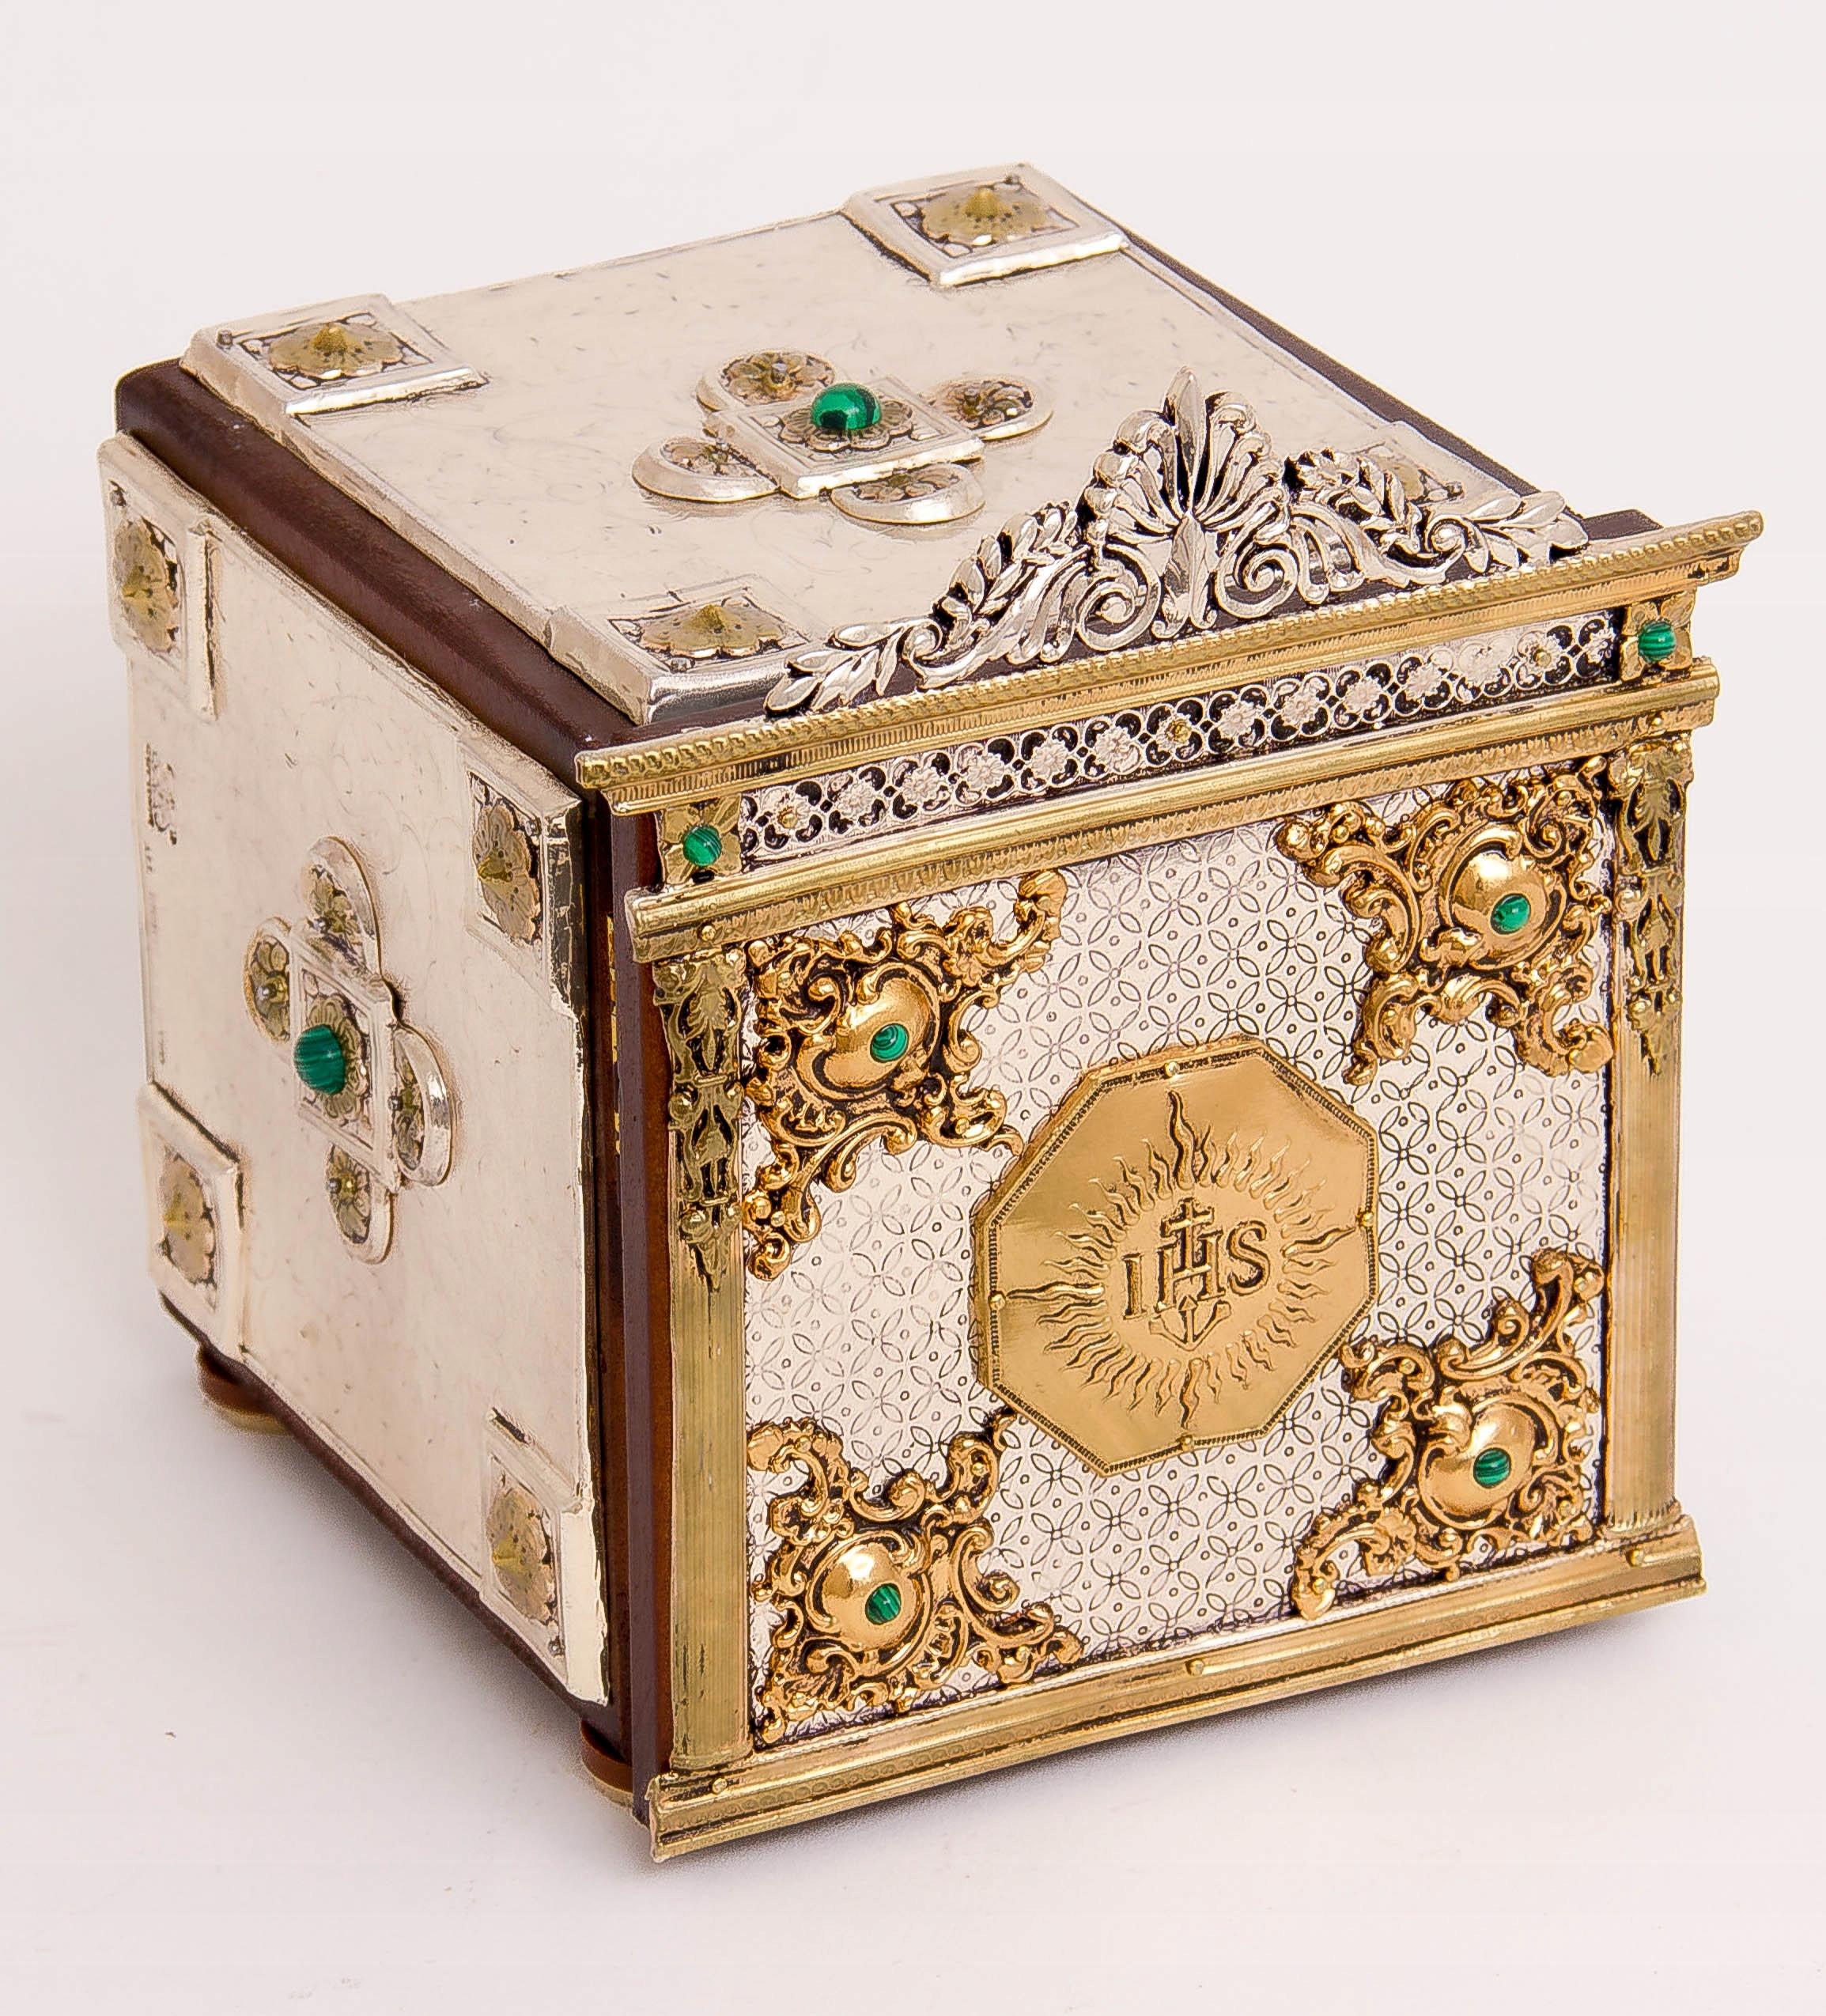 Srebrzone i złocone tabernakulum kolekcjonerskie!